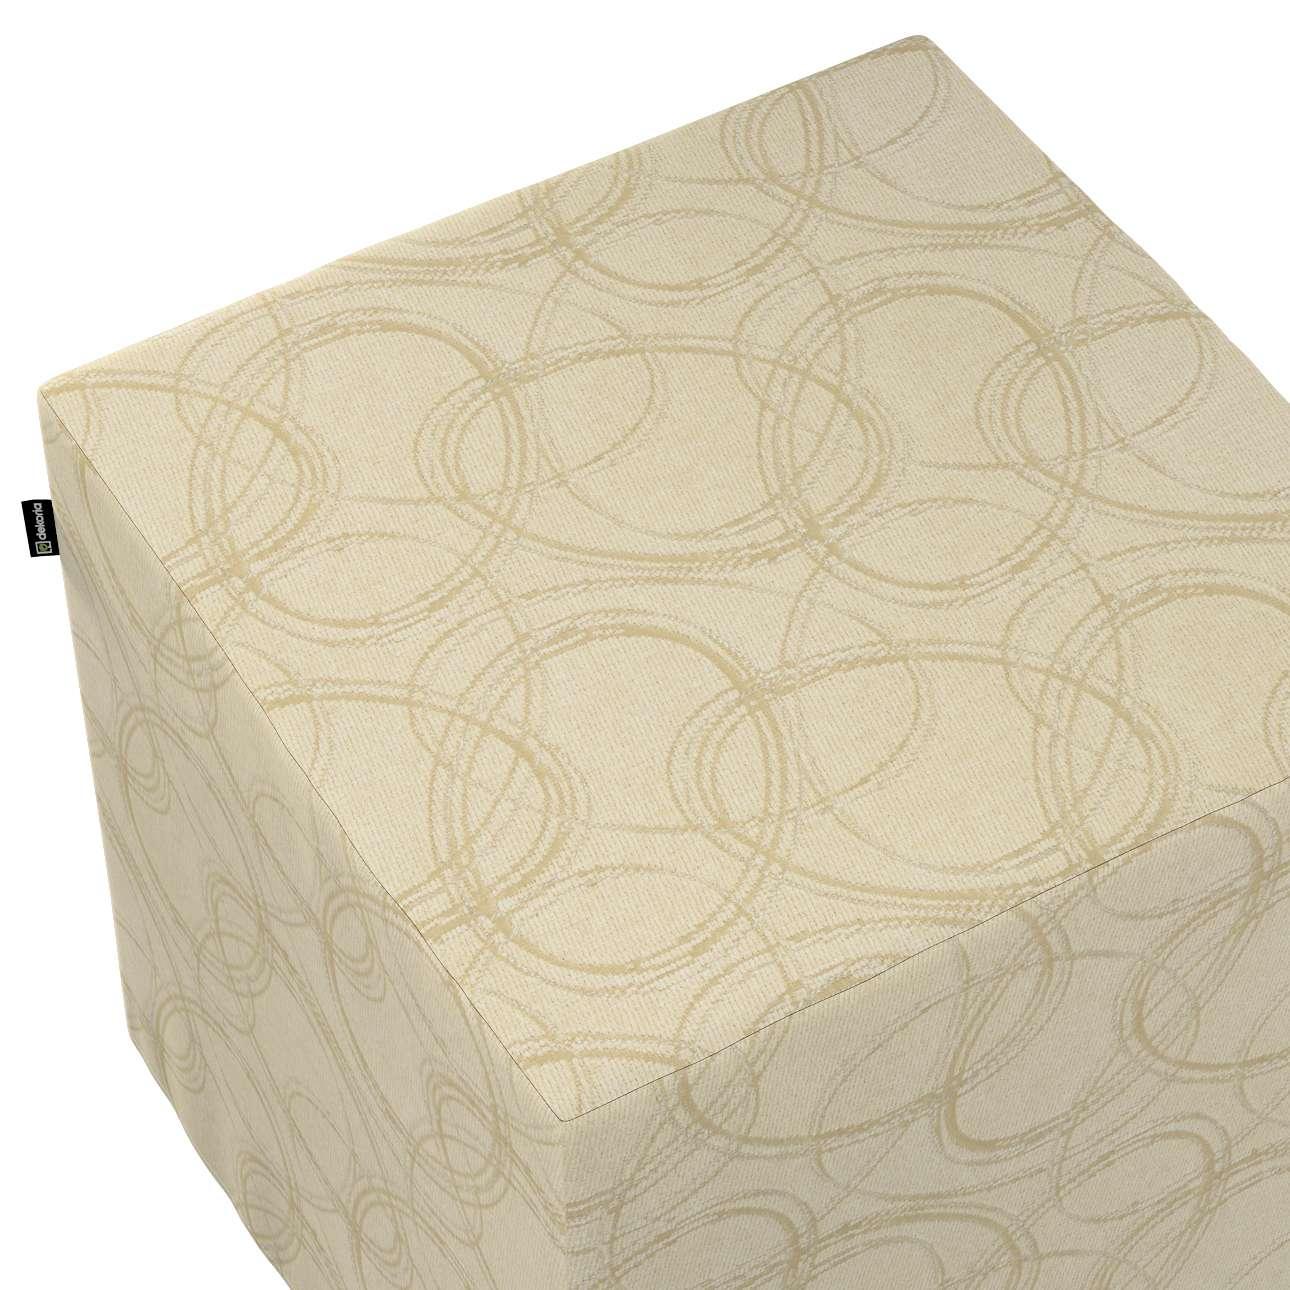 Bezug für Sitzwürfel von der Kollektion Living, Stoff: 161-81